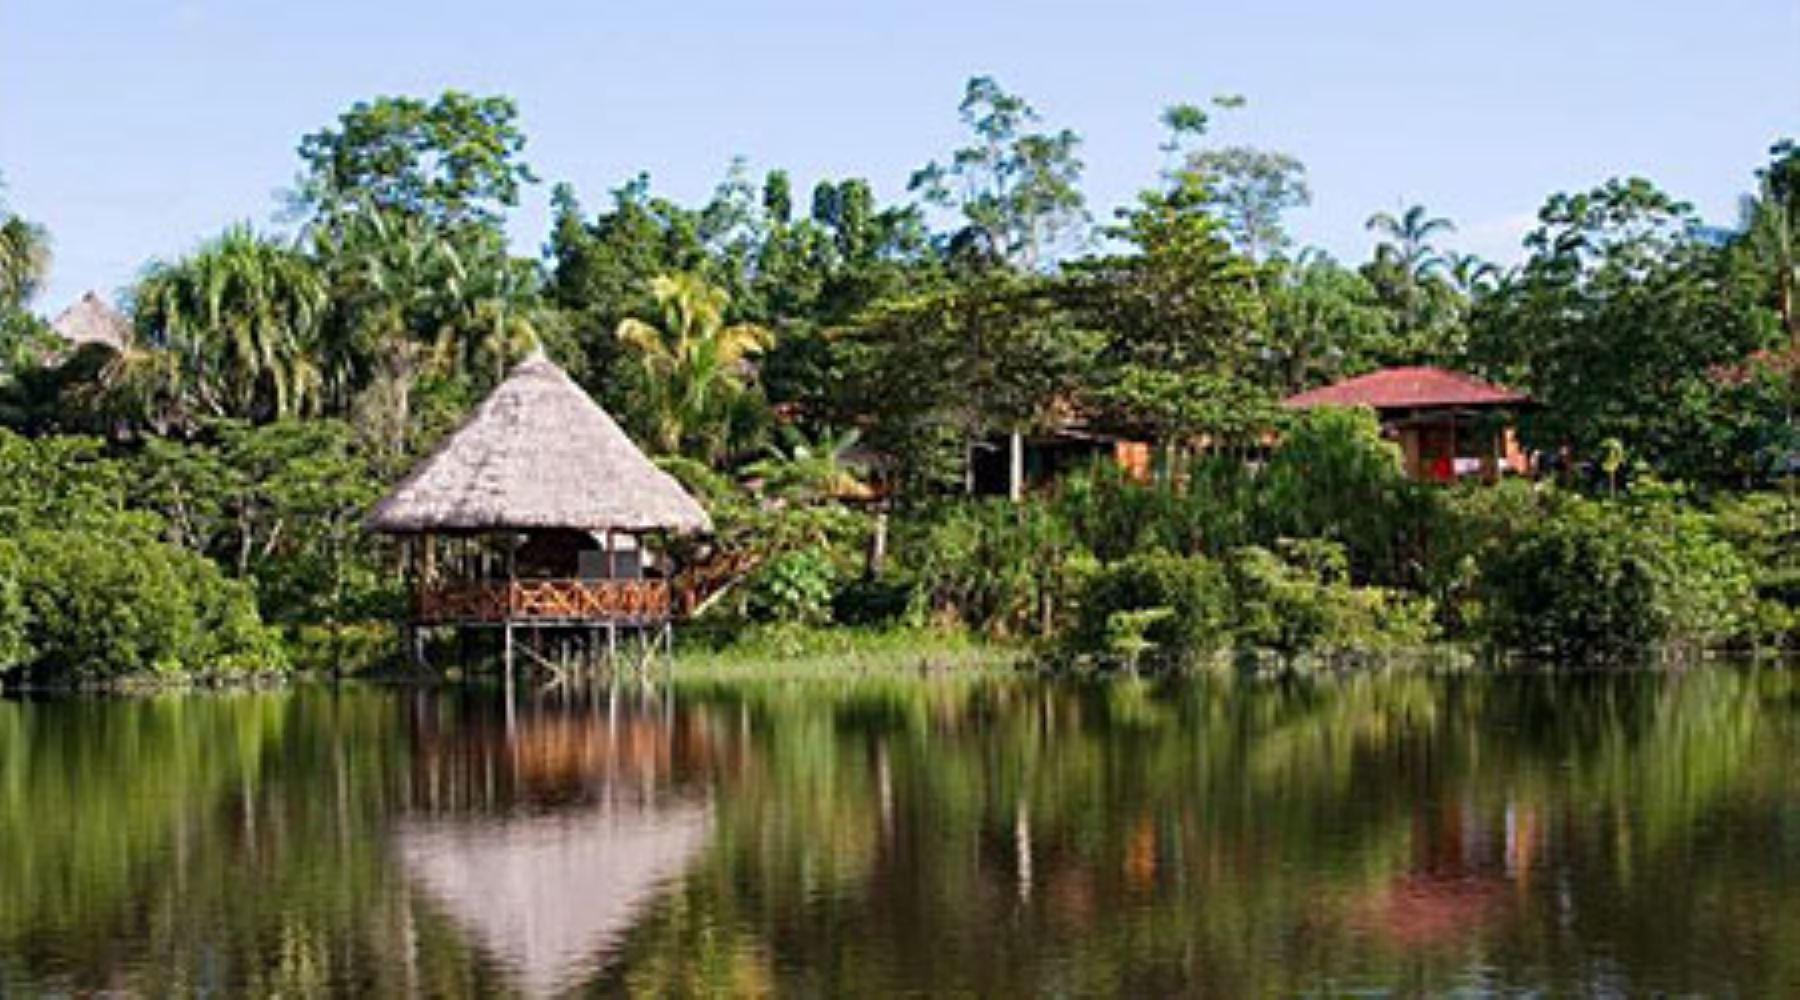 Áreas de Conservación Privada, una creciente opción para preservar ecosistemas en Perú. ANDINA/Difusión